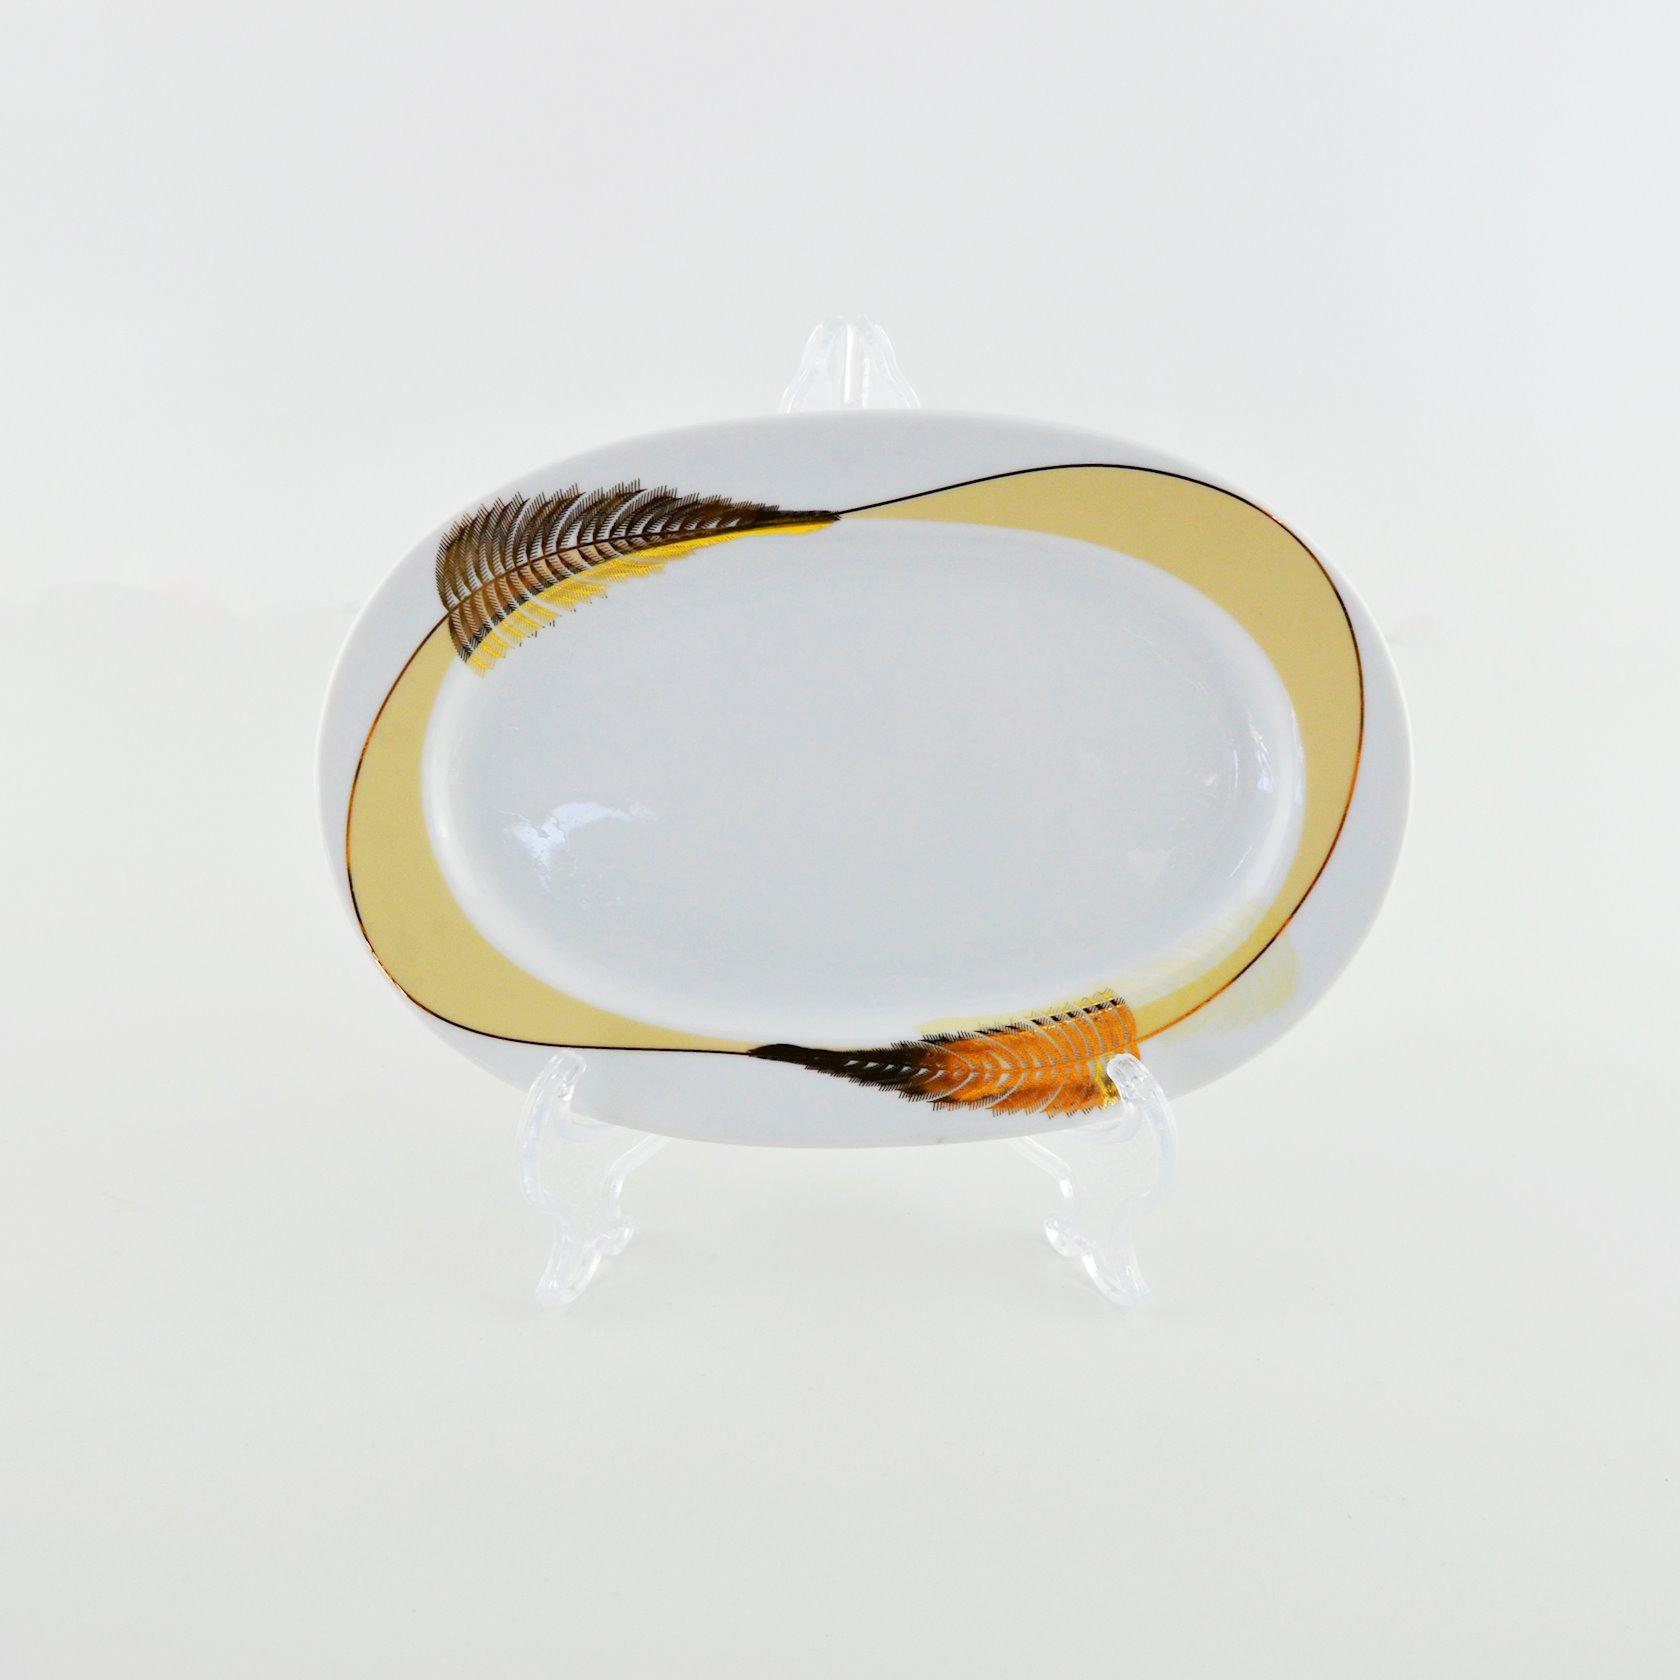 Qab dəsti Kütahya Porselen KCRN87YT9013969, şüşə, ağ/qızılı